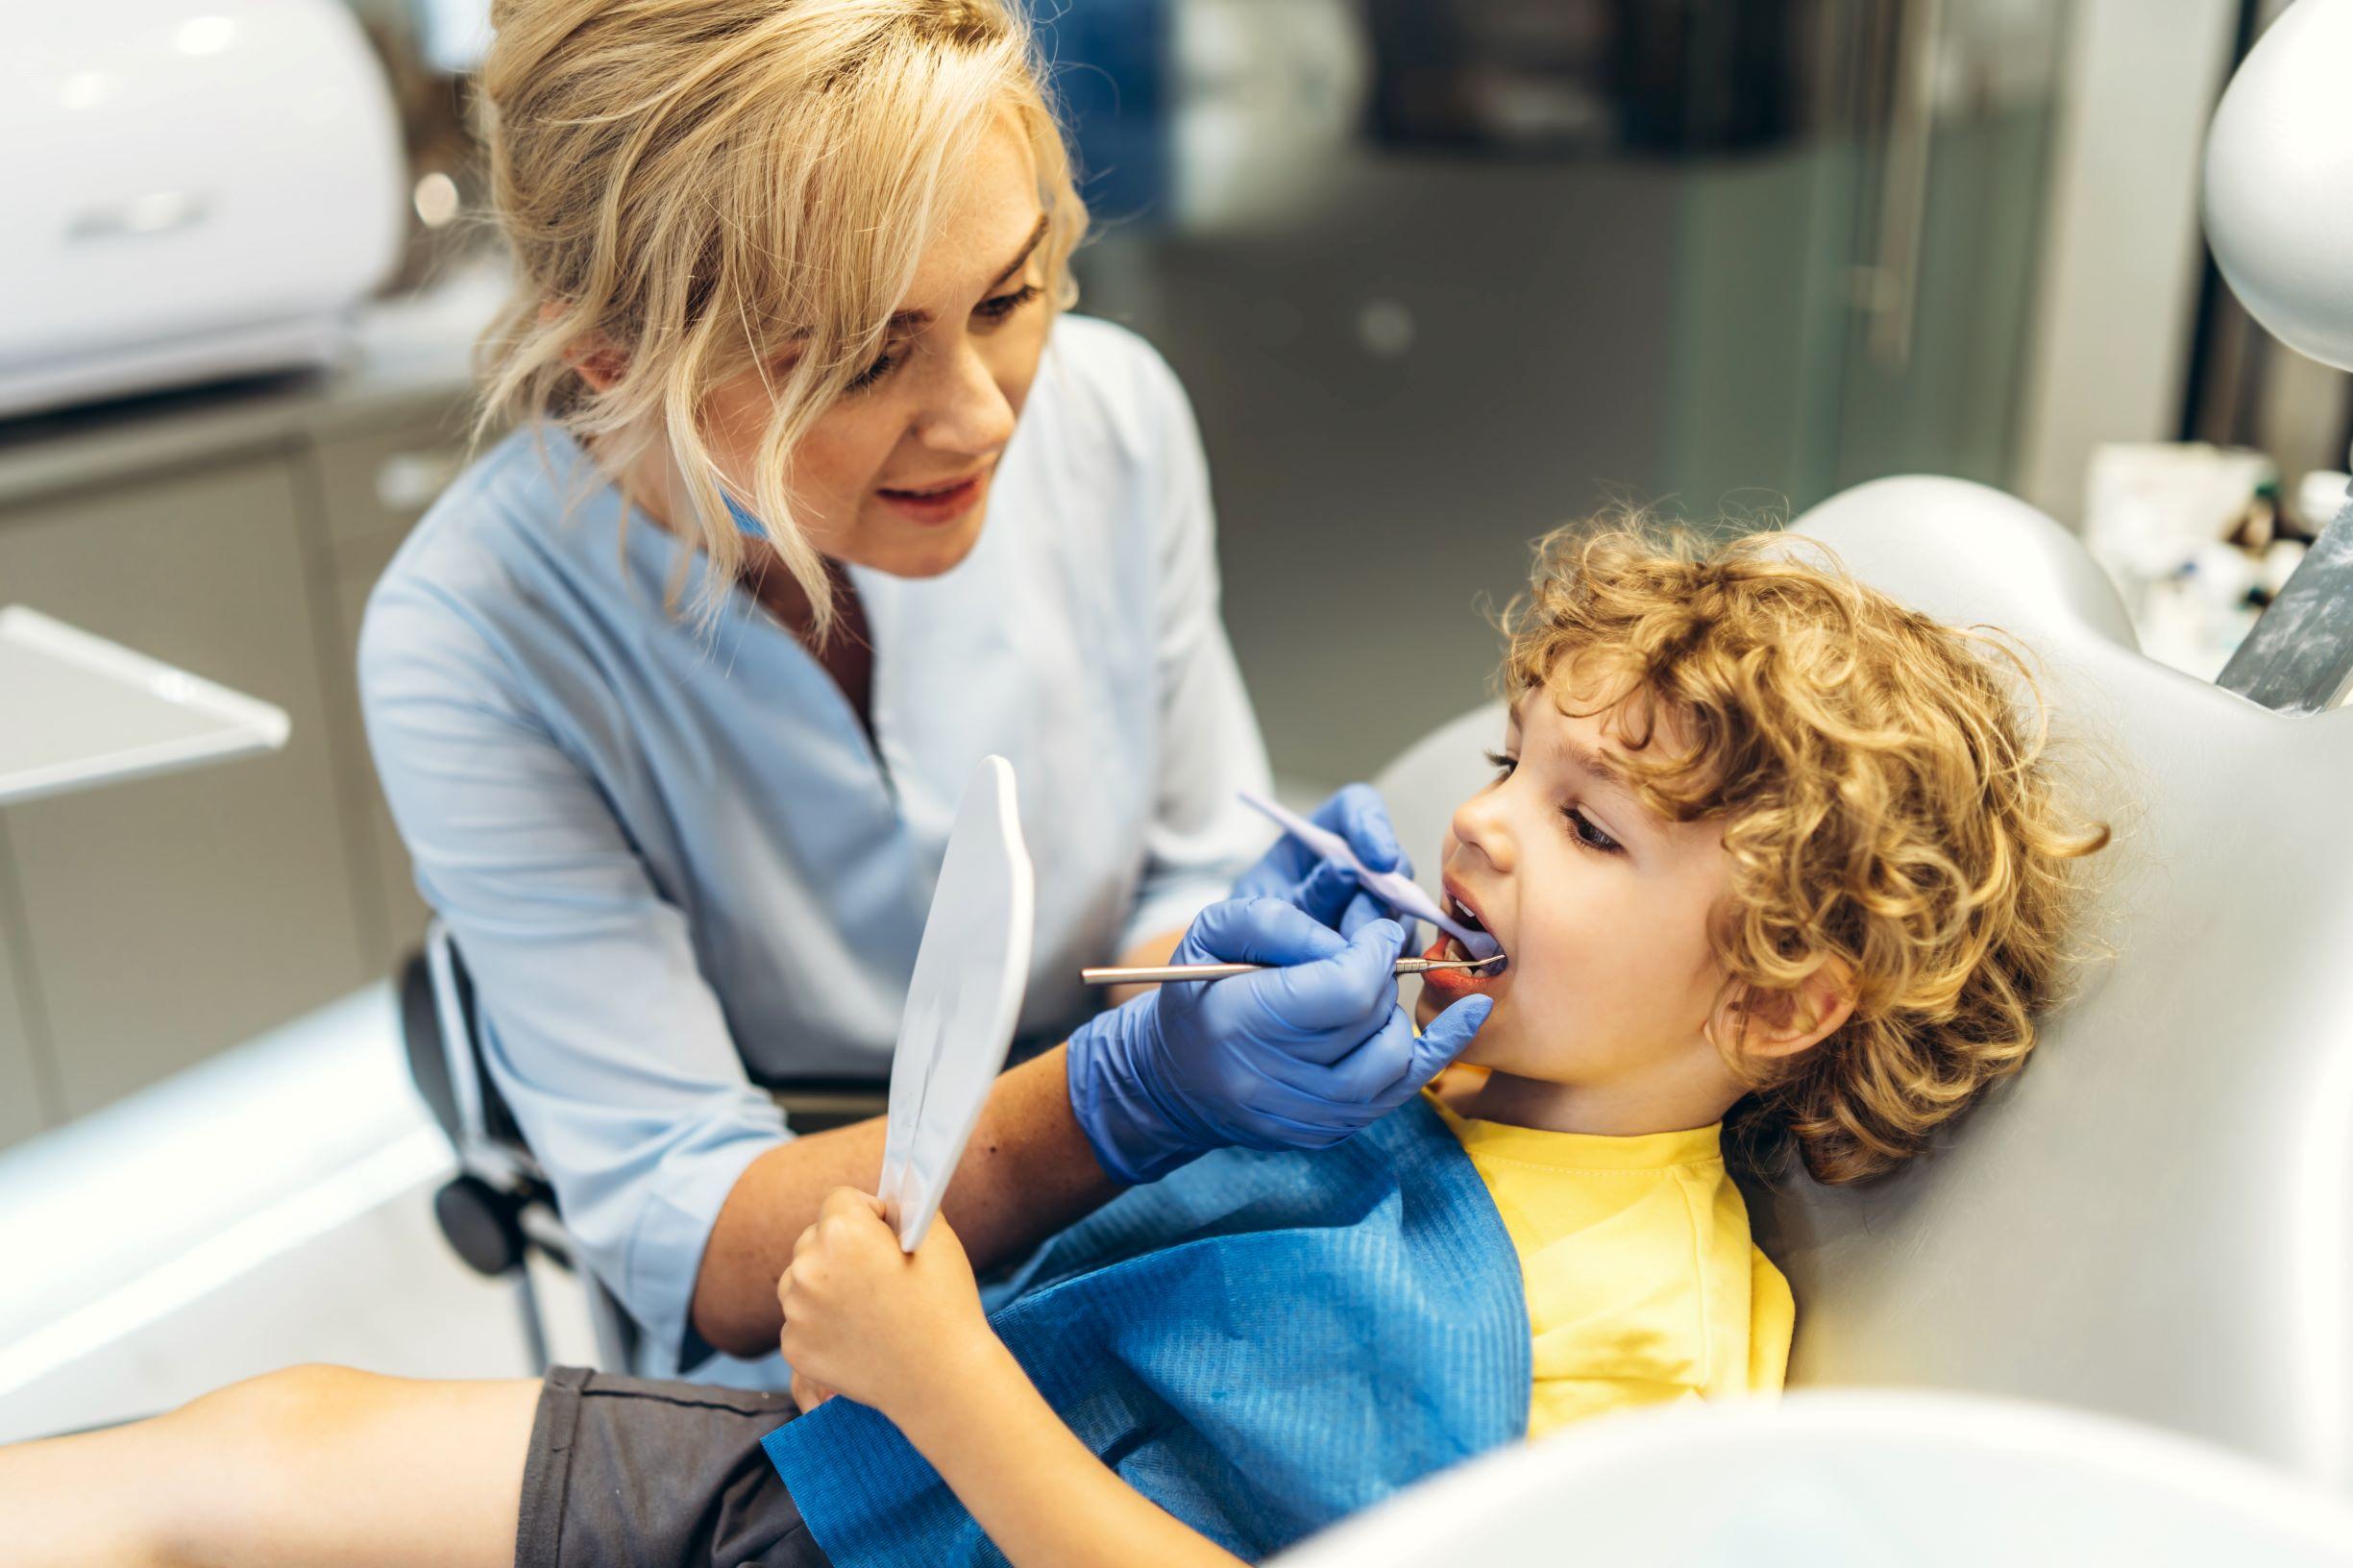 jeune garçon chez le dentiste